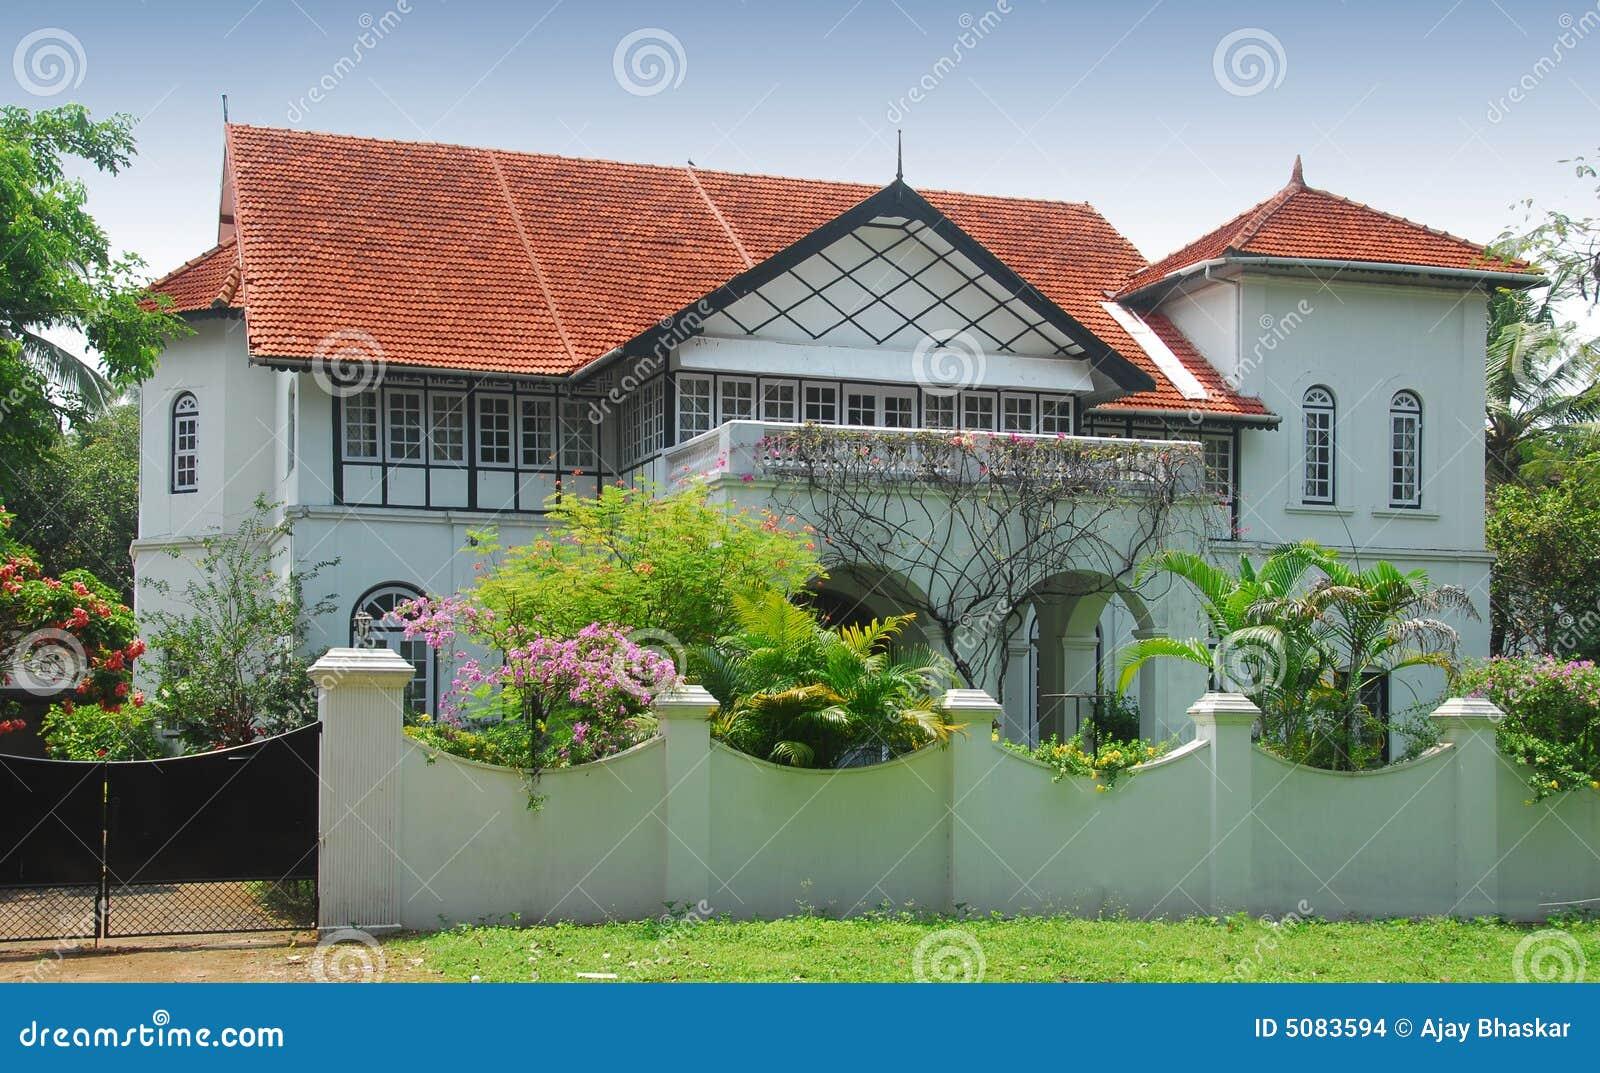 Casa de planta baja india foto de archivo imagen de south 5083594 - Fotos de casas de planta baja ...